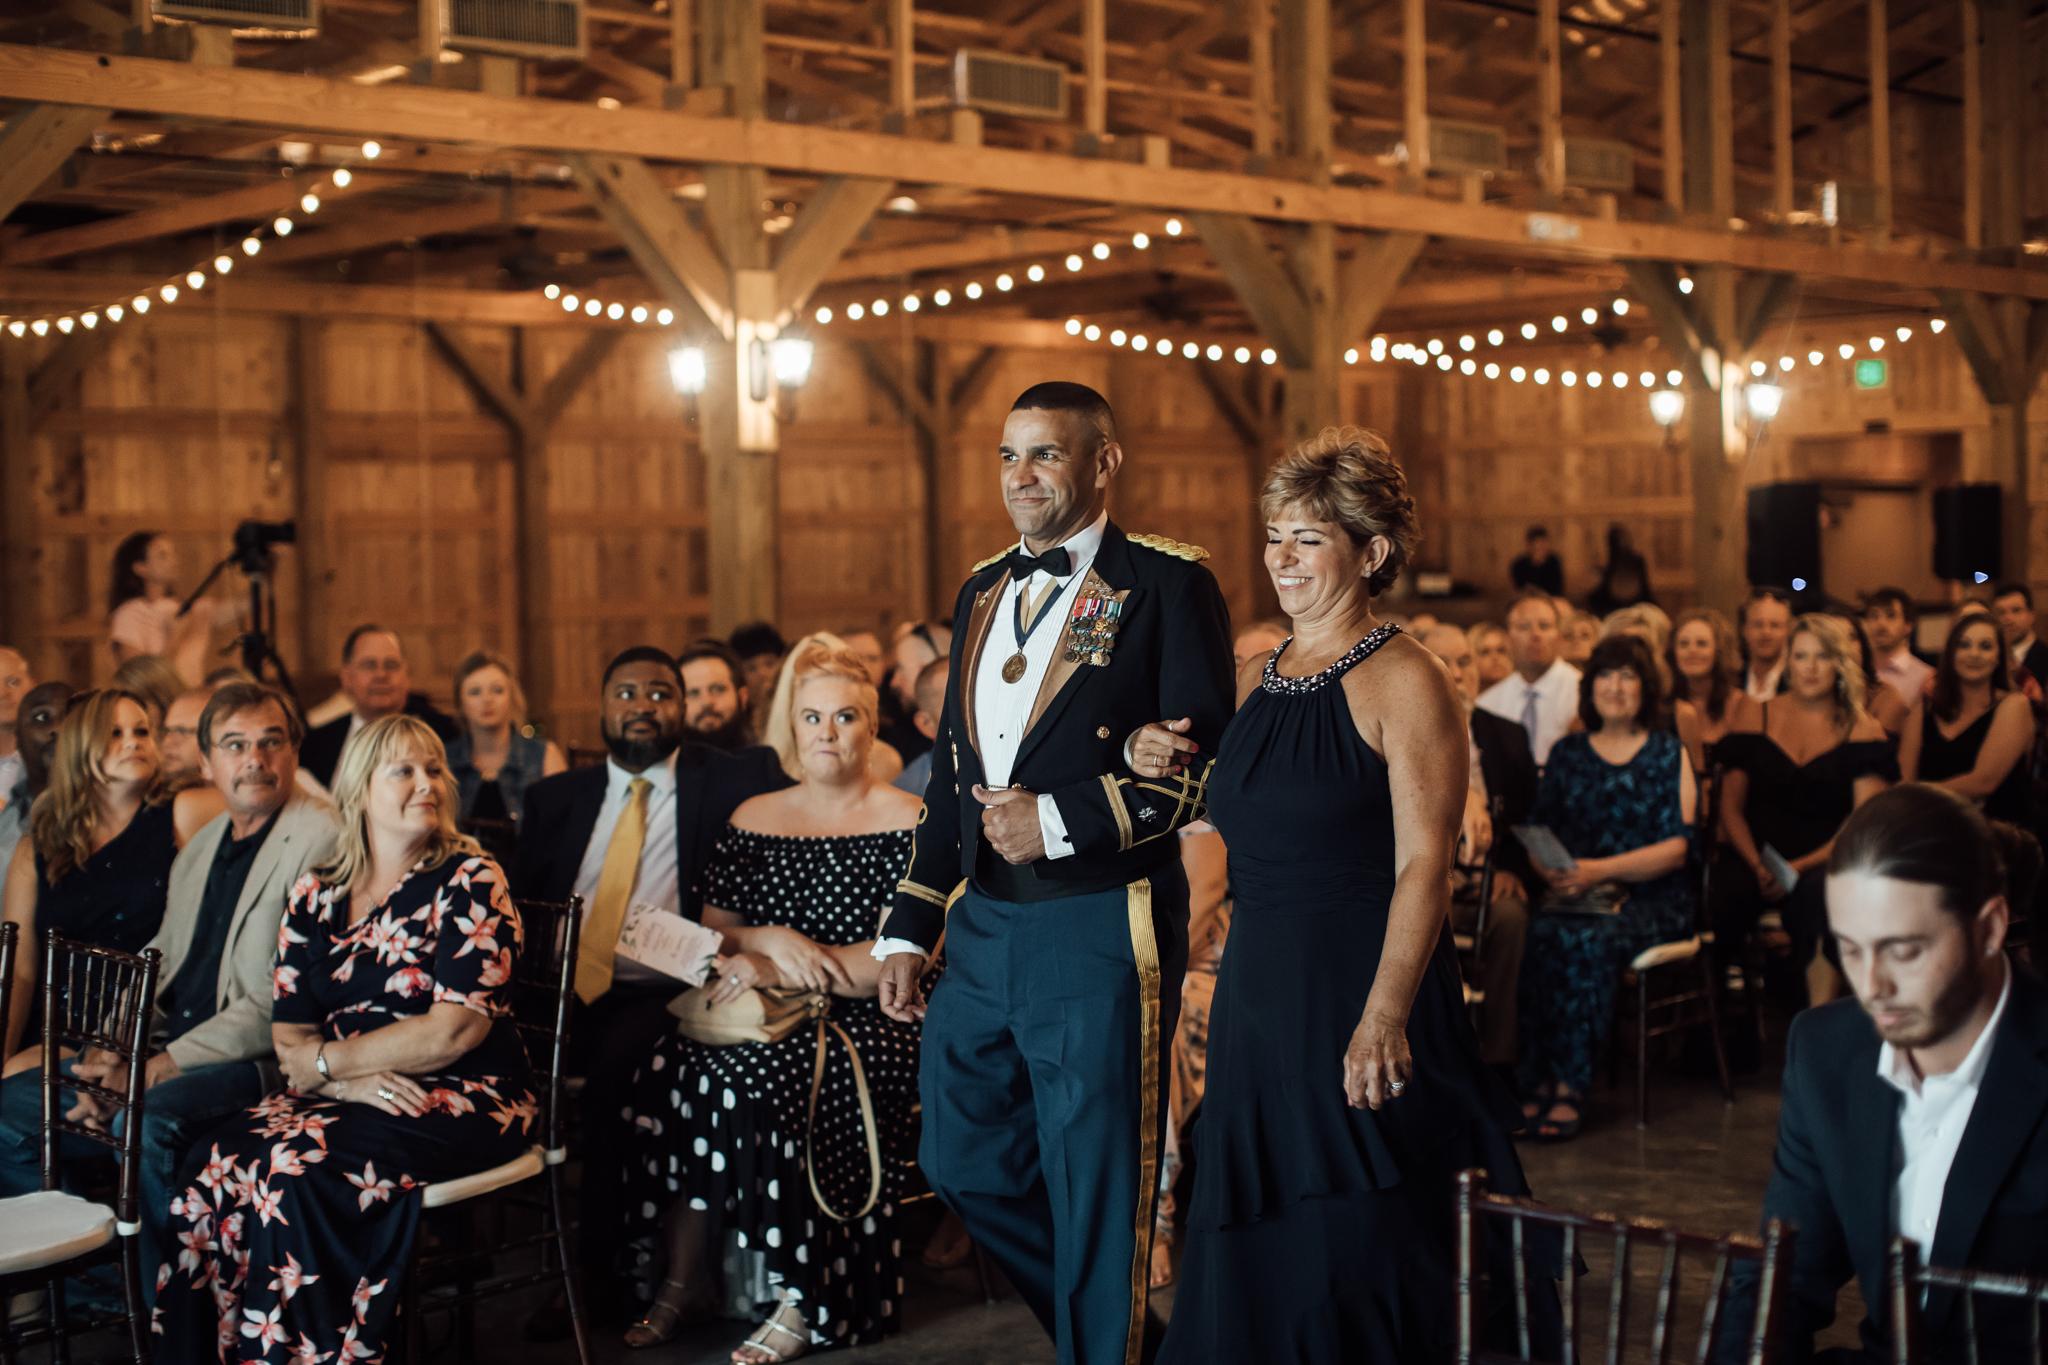 saddlewoodsfarms-nashville-wedding-photographer-thewarmtharoundyou-rustic-wedding (9 of 251).jpg